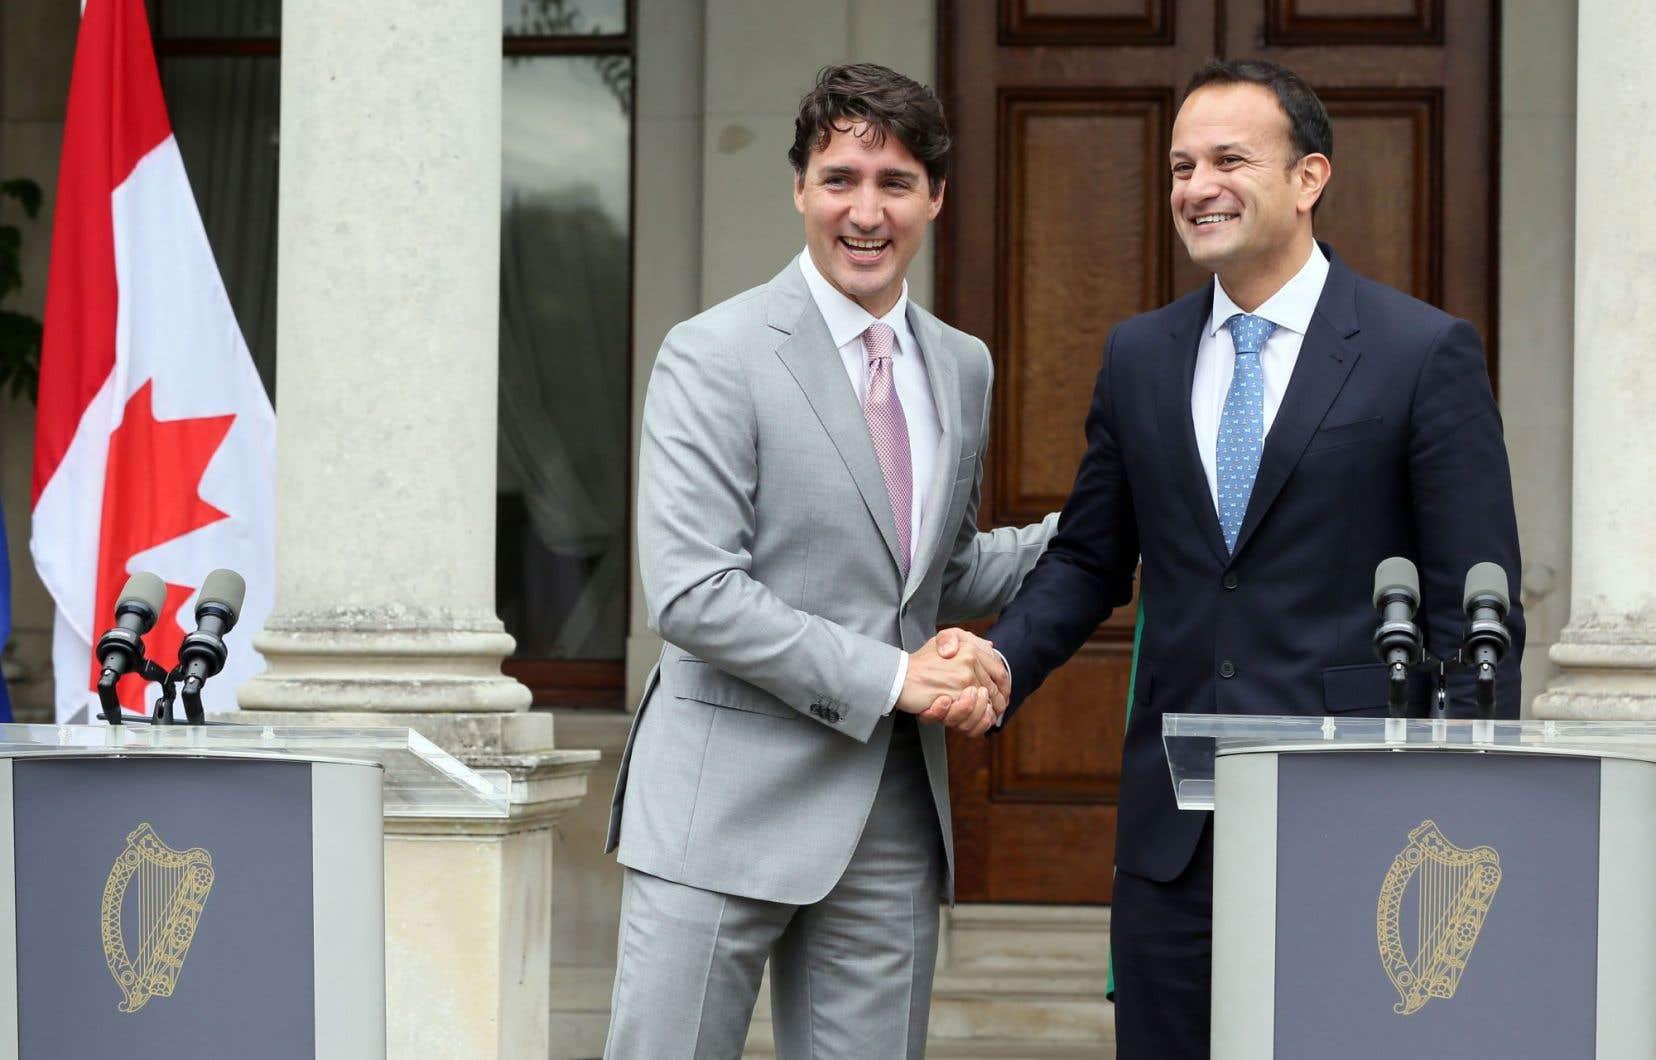 Justin Trudeau et Leo Varadkar en conférence de presse à l'issue de leur entretien, mardi